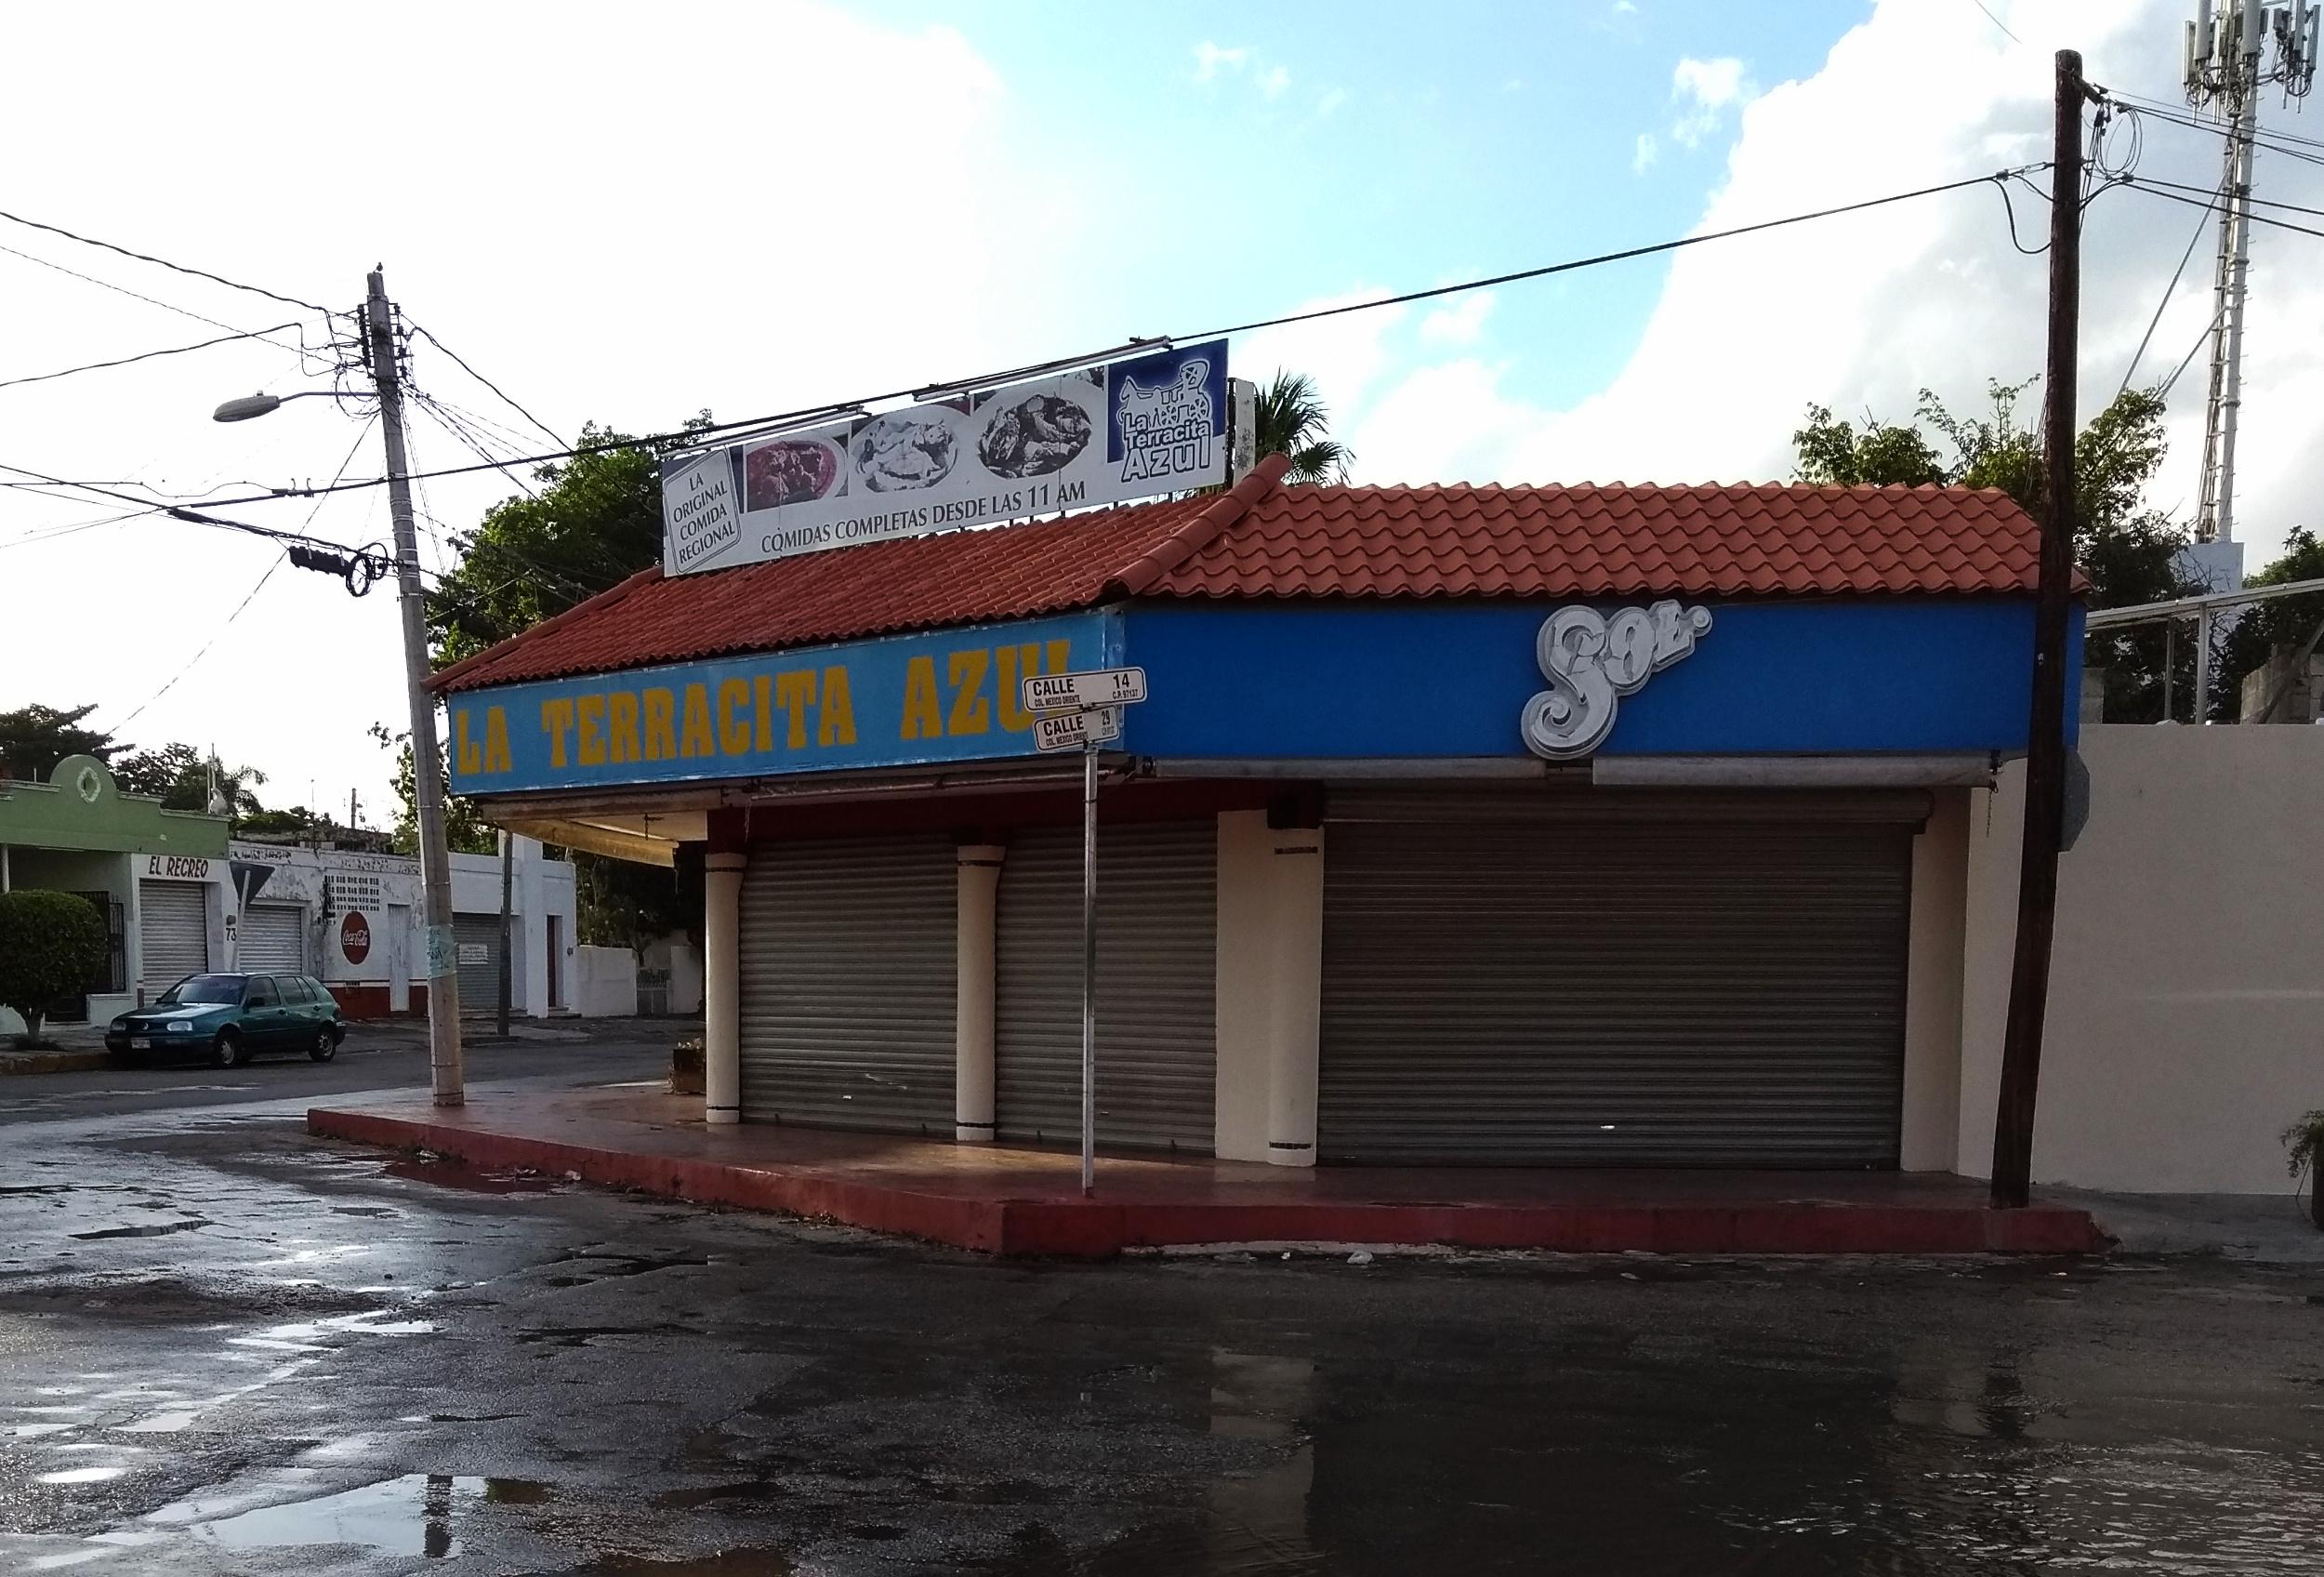 Cierra restaurante tradicional de comida yucateca: La Terracita Azul (video)